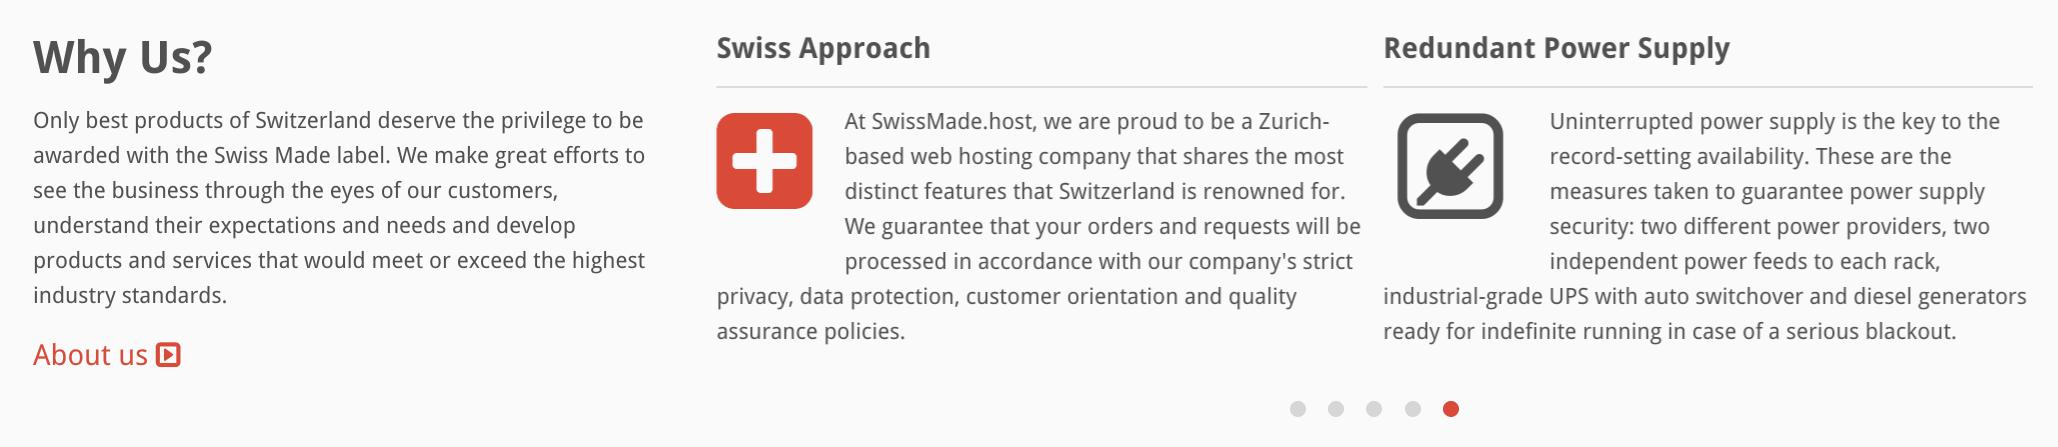 SwissMade.Host